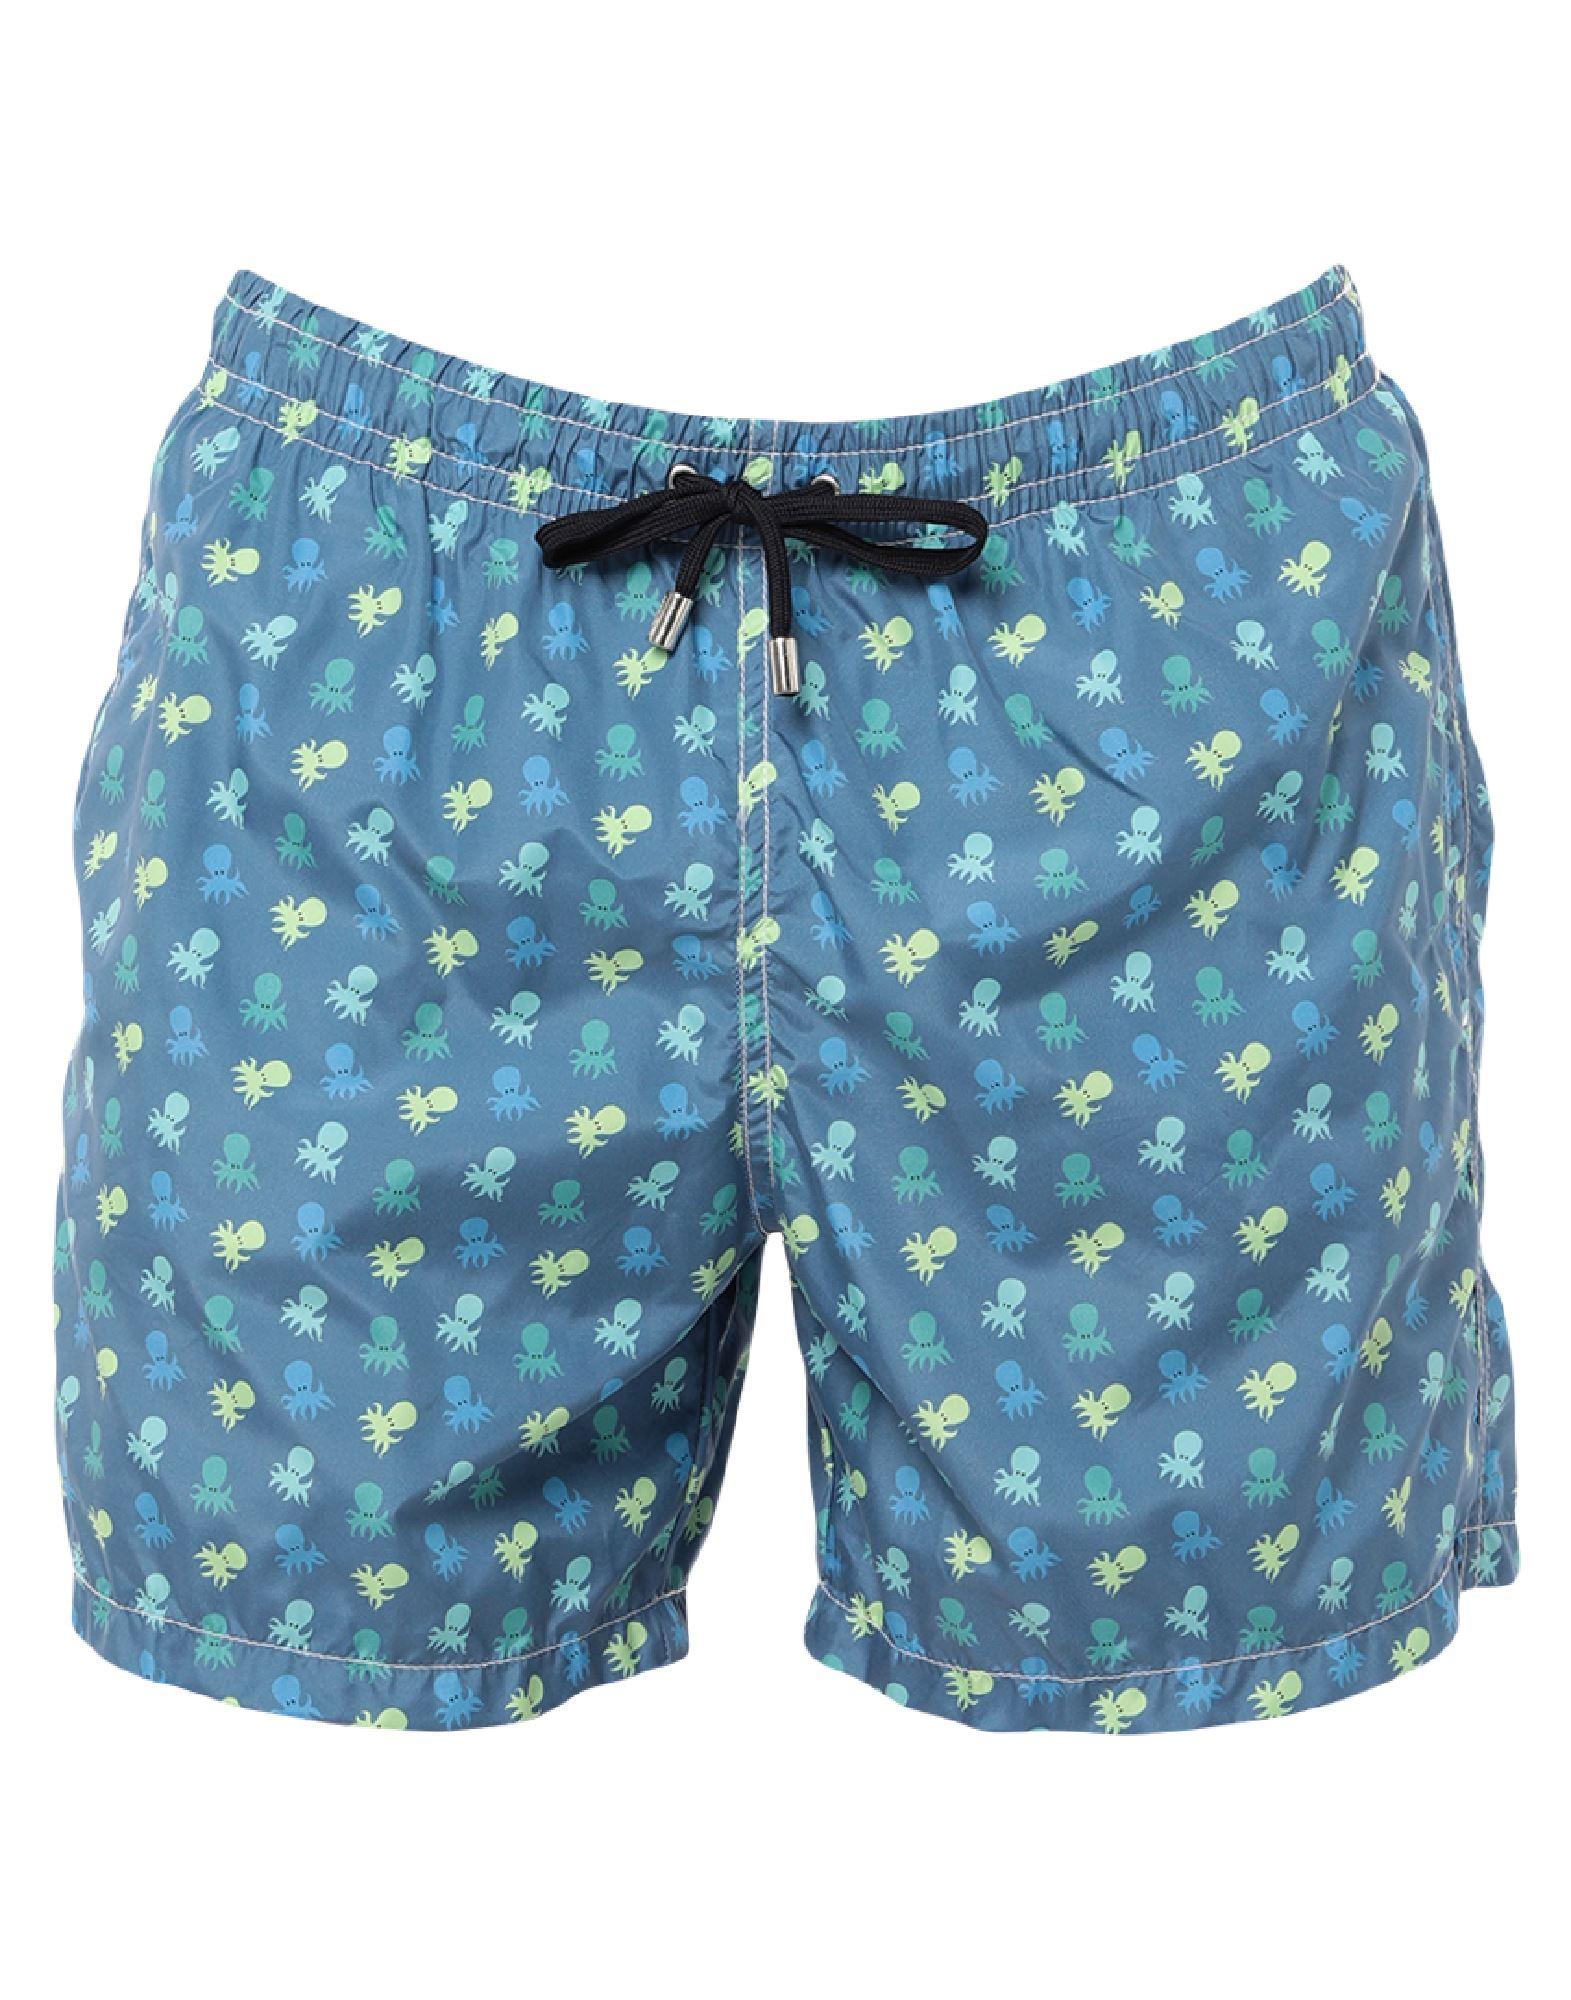 DRUMOHR Swim trunks - Item 47279413